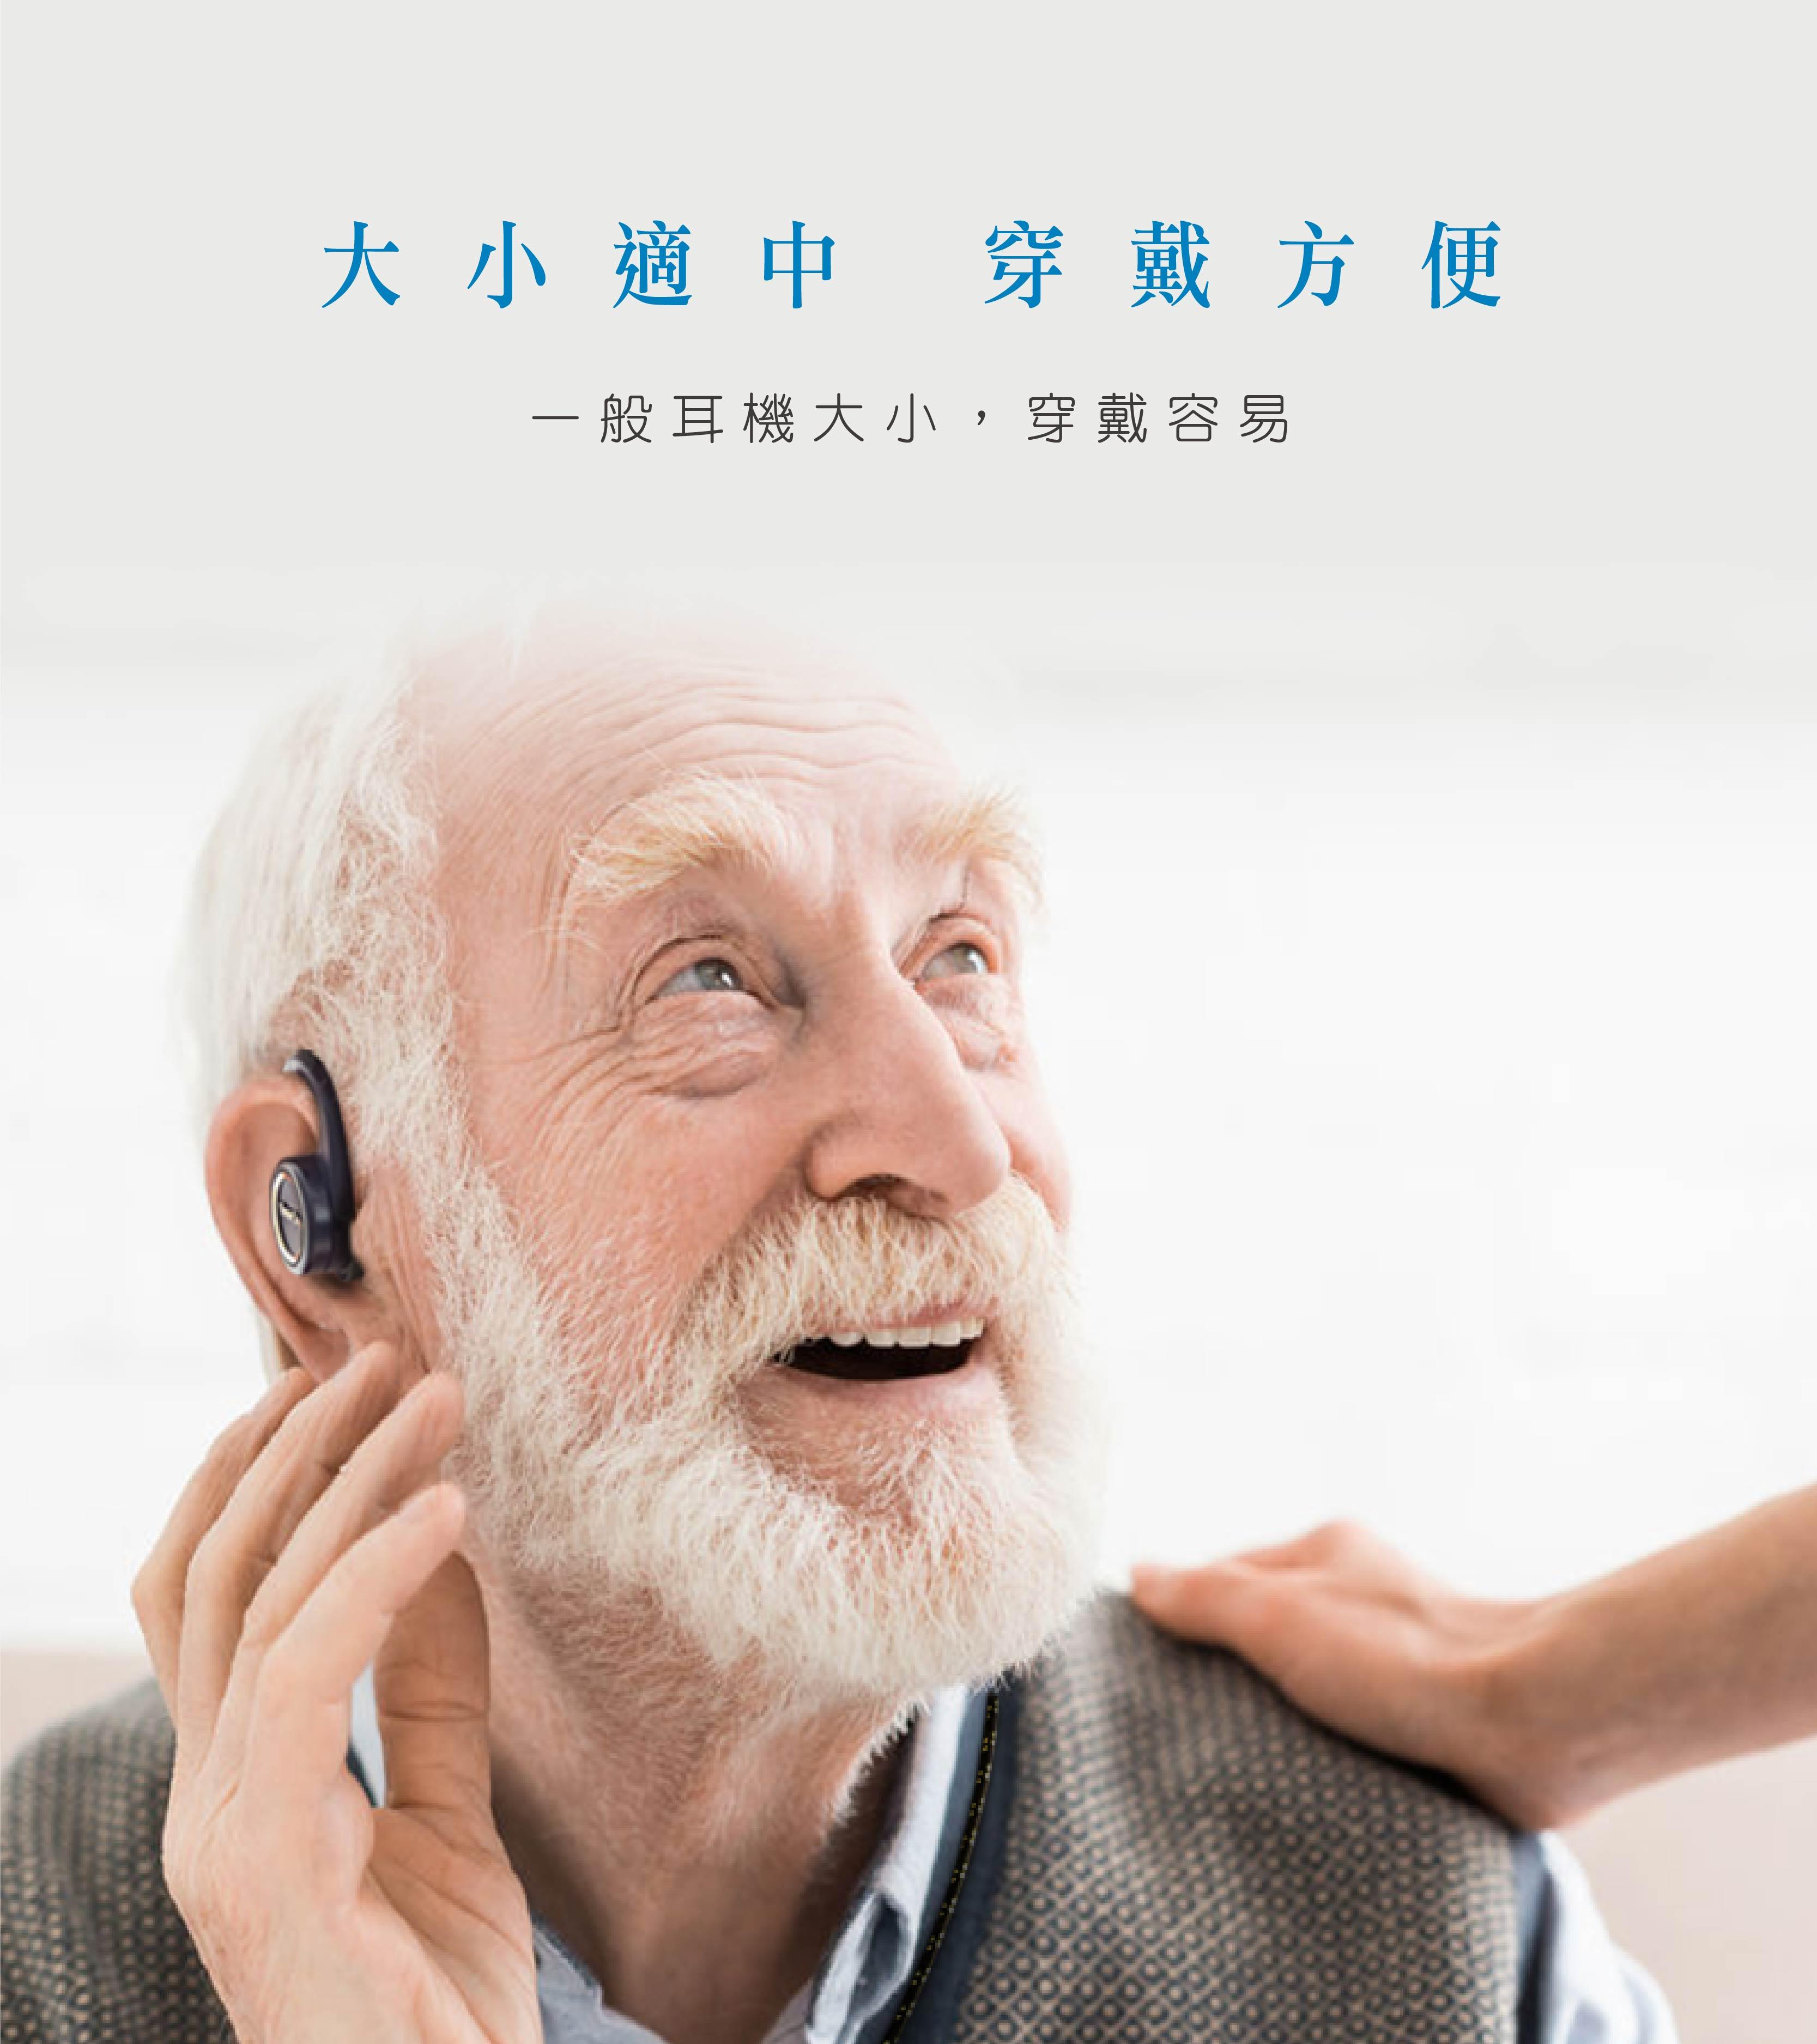 一般耳機大小,穿戴容易